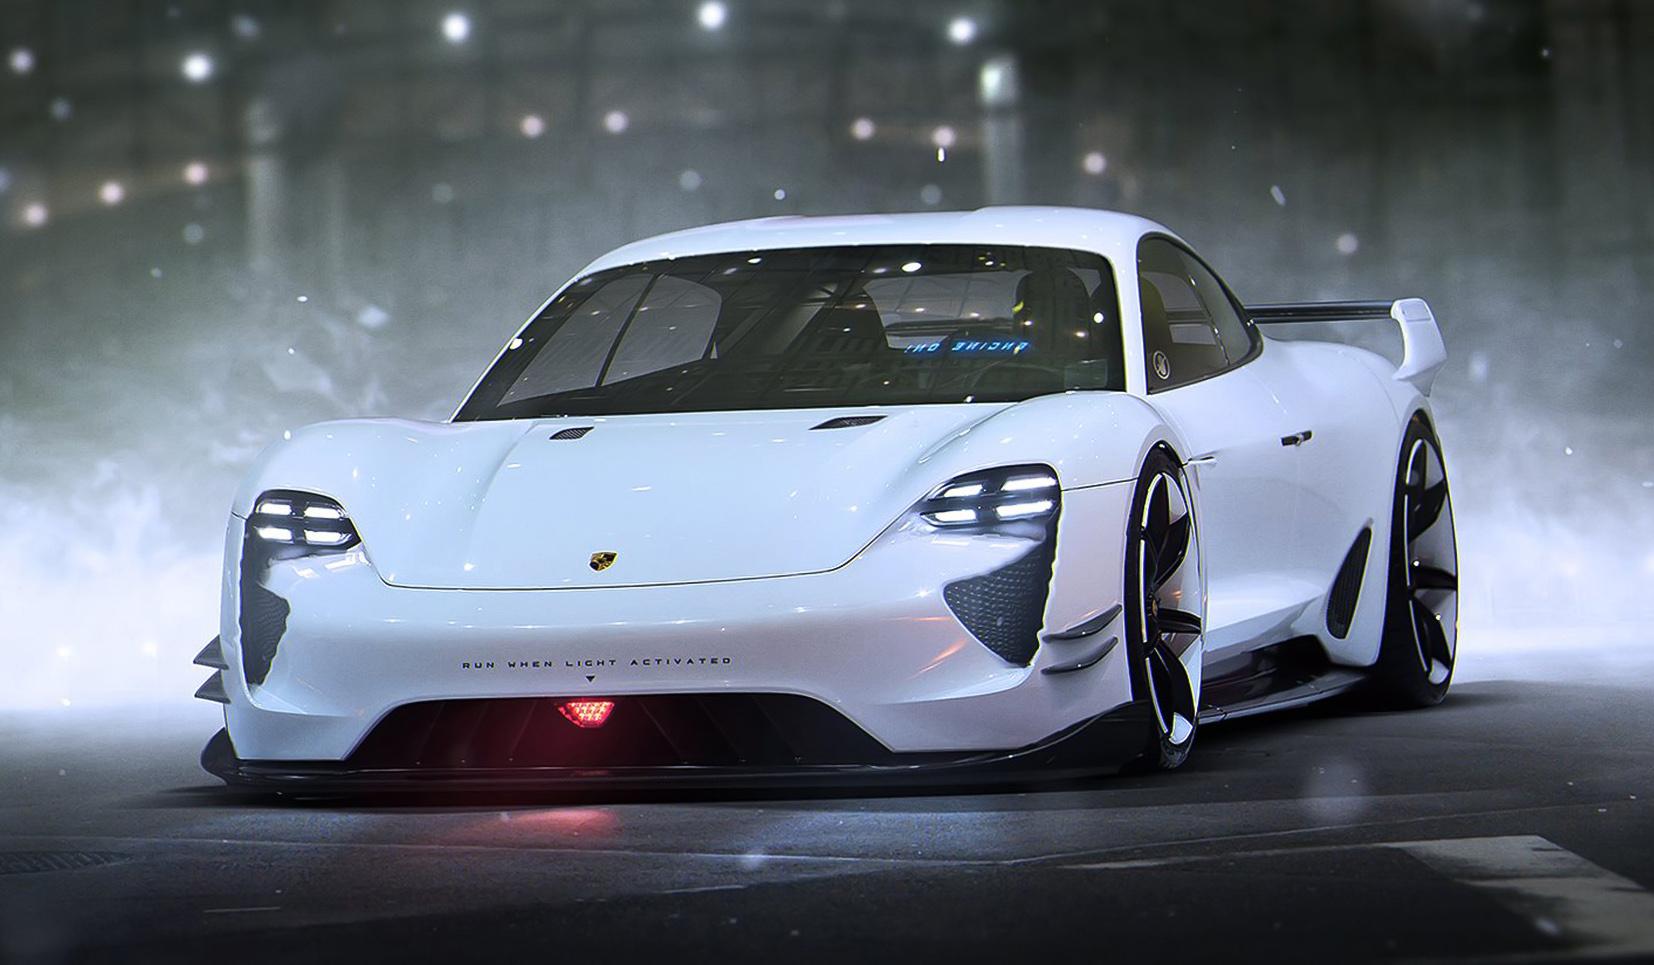 此外,保时捷Mission E衍生车型的开发也在顺利进行中,为下一步量产作准备的Mission E Cross Turismo概念车亮相于今年的日内瓦车展和北京车展。作为纯电动跨界多用途(CUV)概念车,Mission E Cross Turismo输出功率超过440千瓦(600马力),续航里程超过500公里,百公里加速不到3.